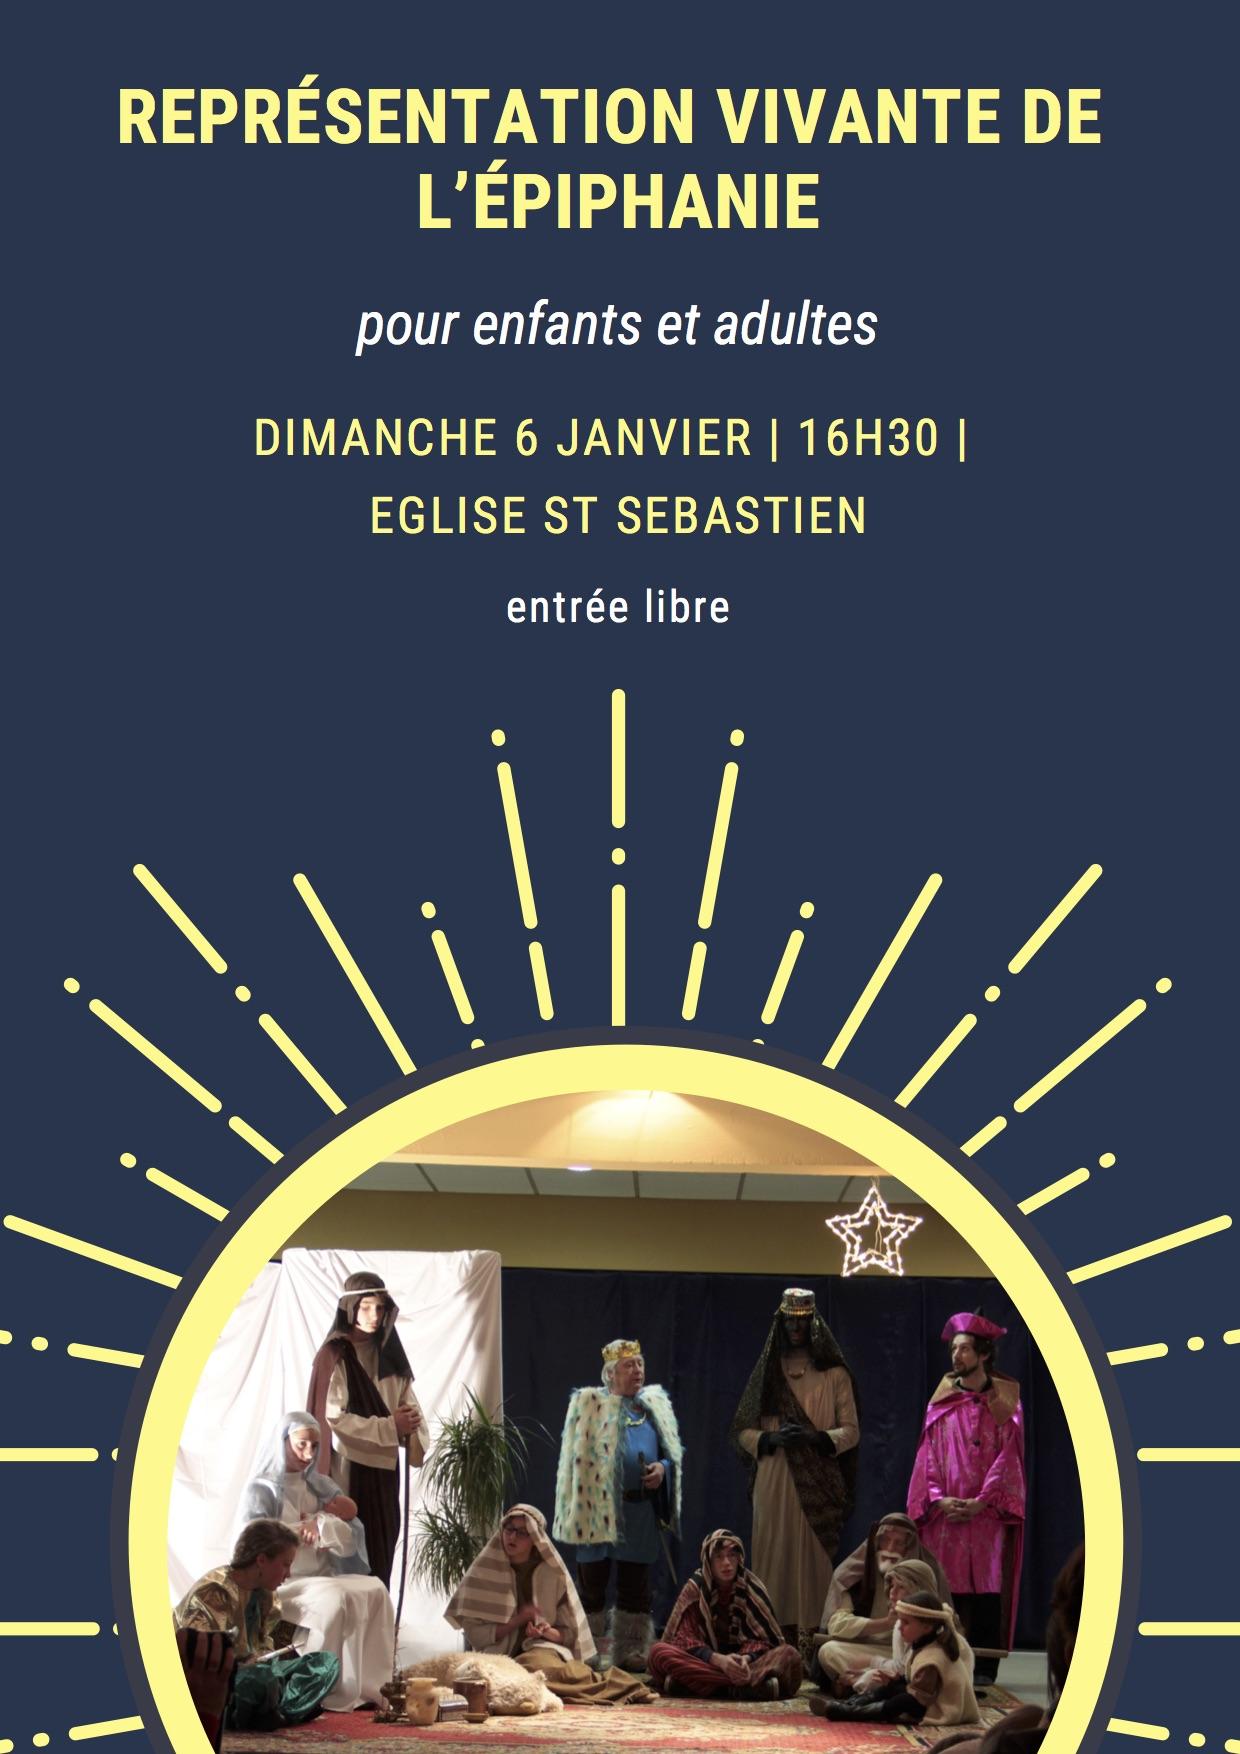 Oratorio de l'Épiphanie le 6 janvier 2019 à Nancy (54)